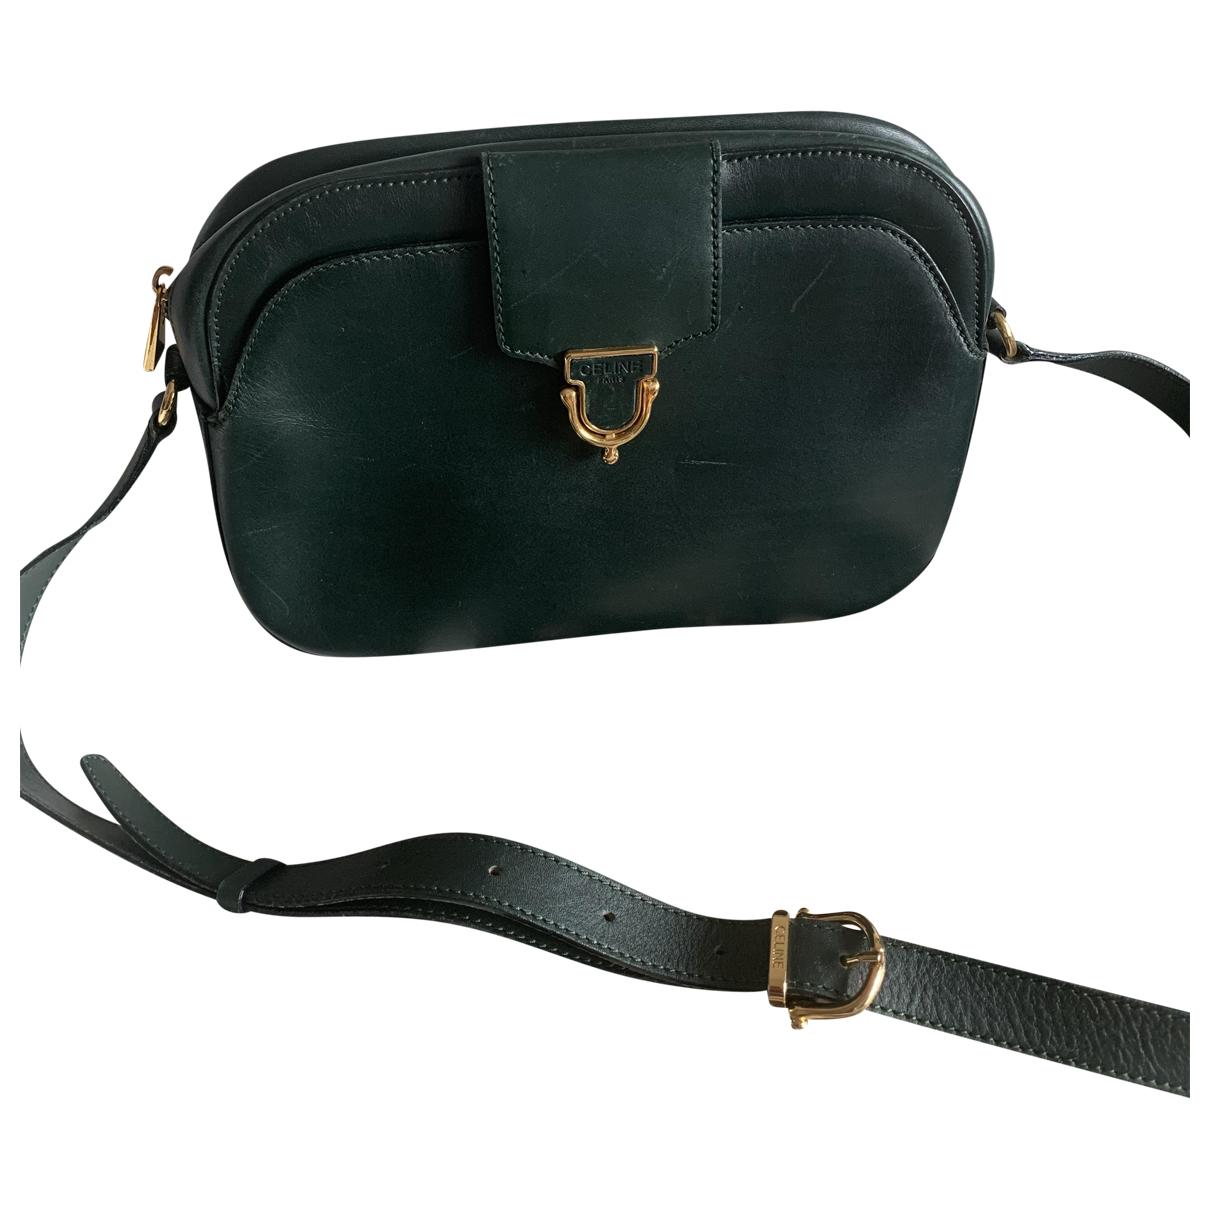 Celine \N Green Leather handbag for Women \N